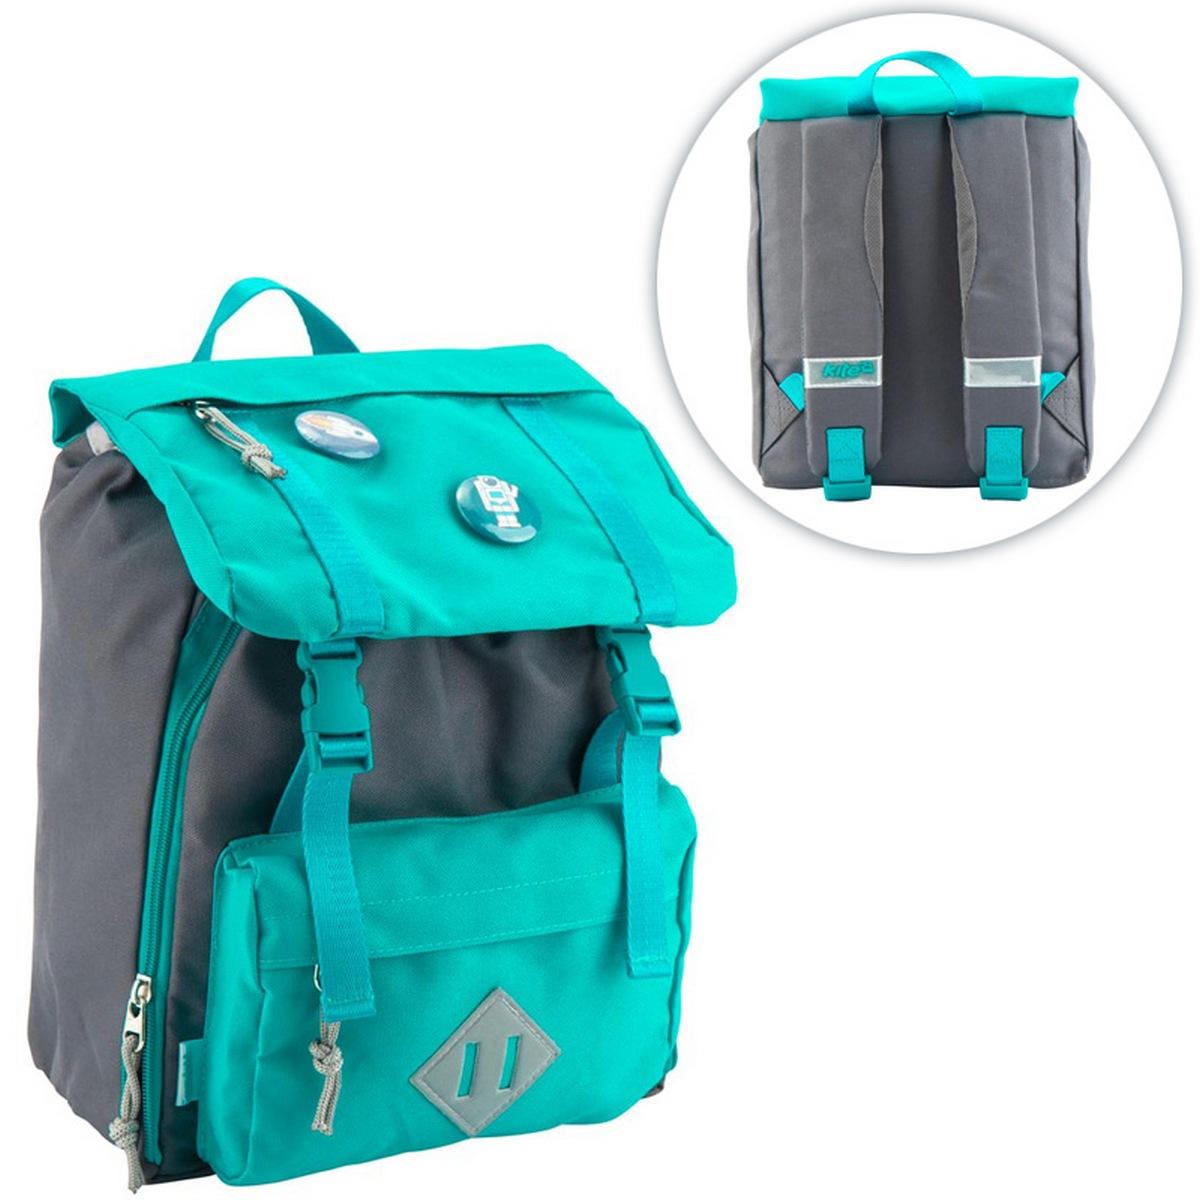 8f7d4c903ba5 Дошкольный рюкзак Kite K18-543XXS-3 купить в Украине: цены, отзывы в ...